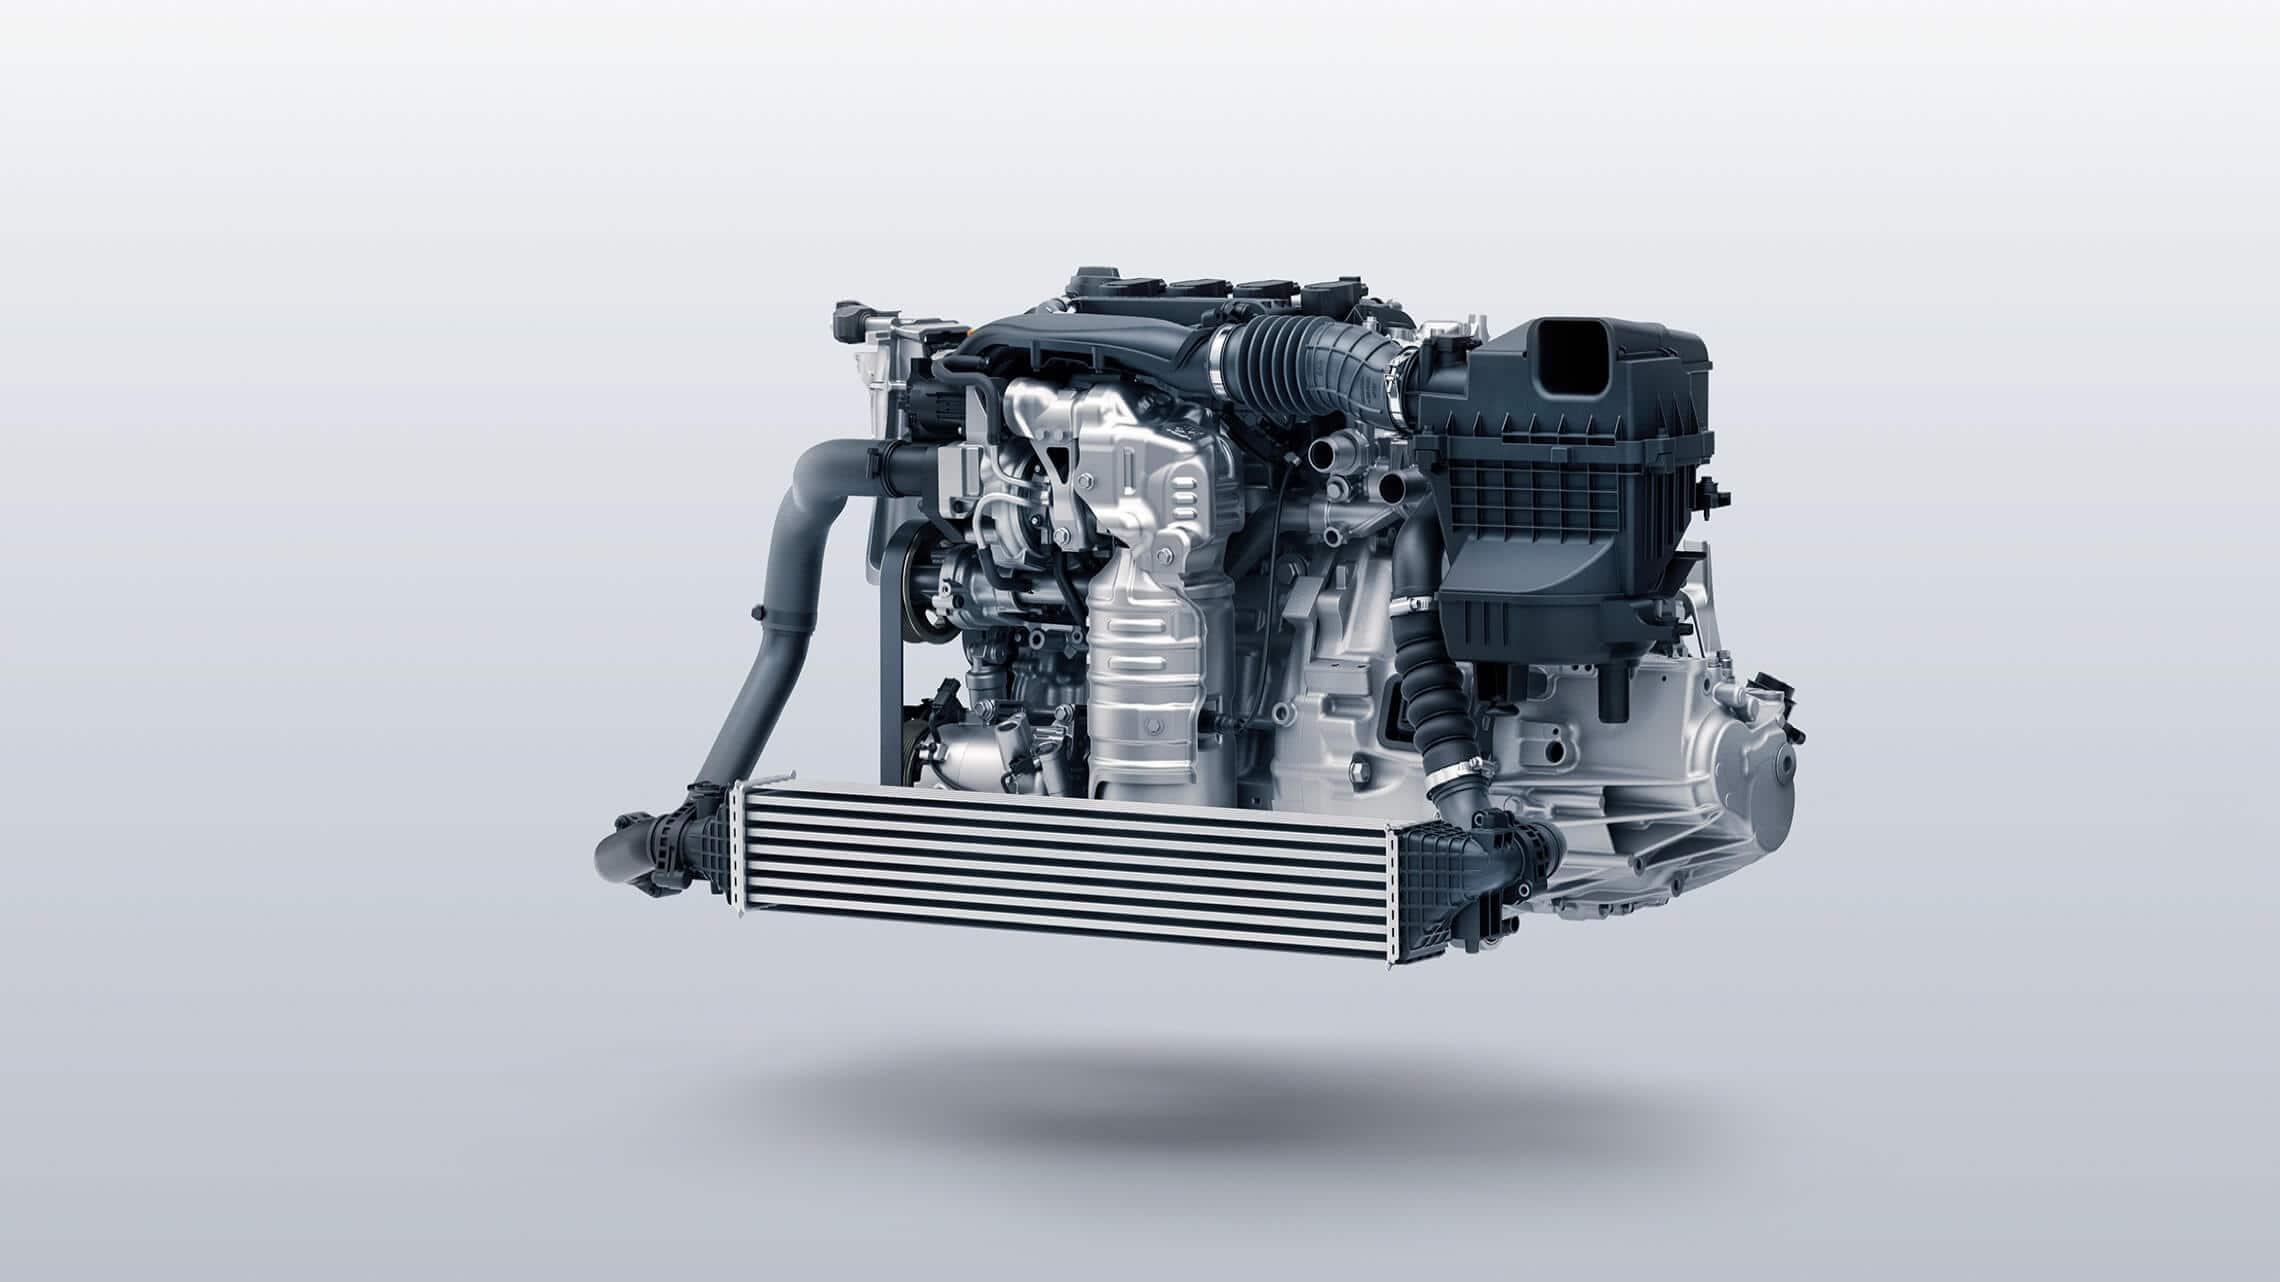 Detalle del motor turboalimentado en el Honda Civic Si Coupé2020.